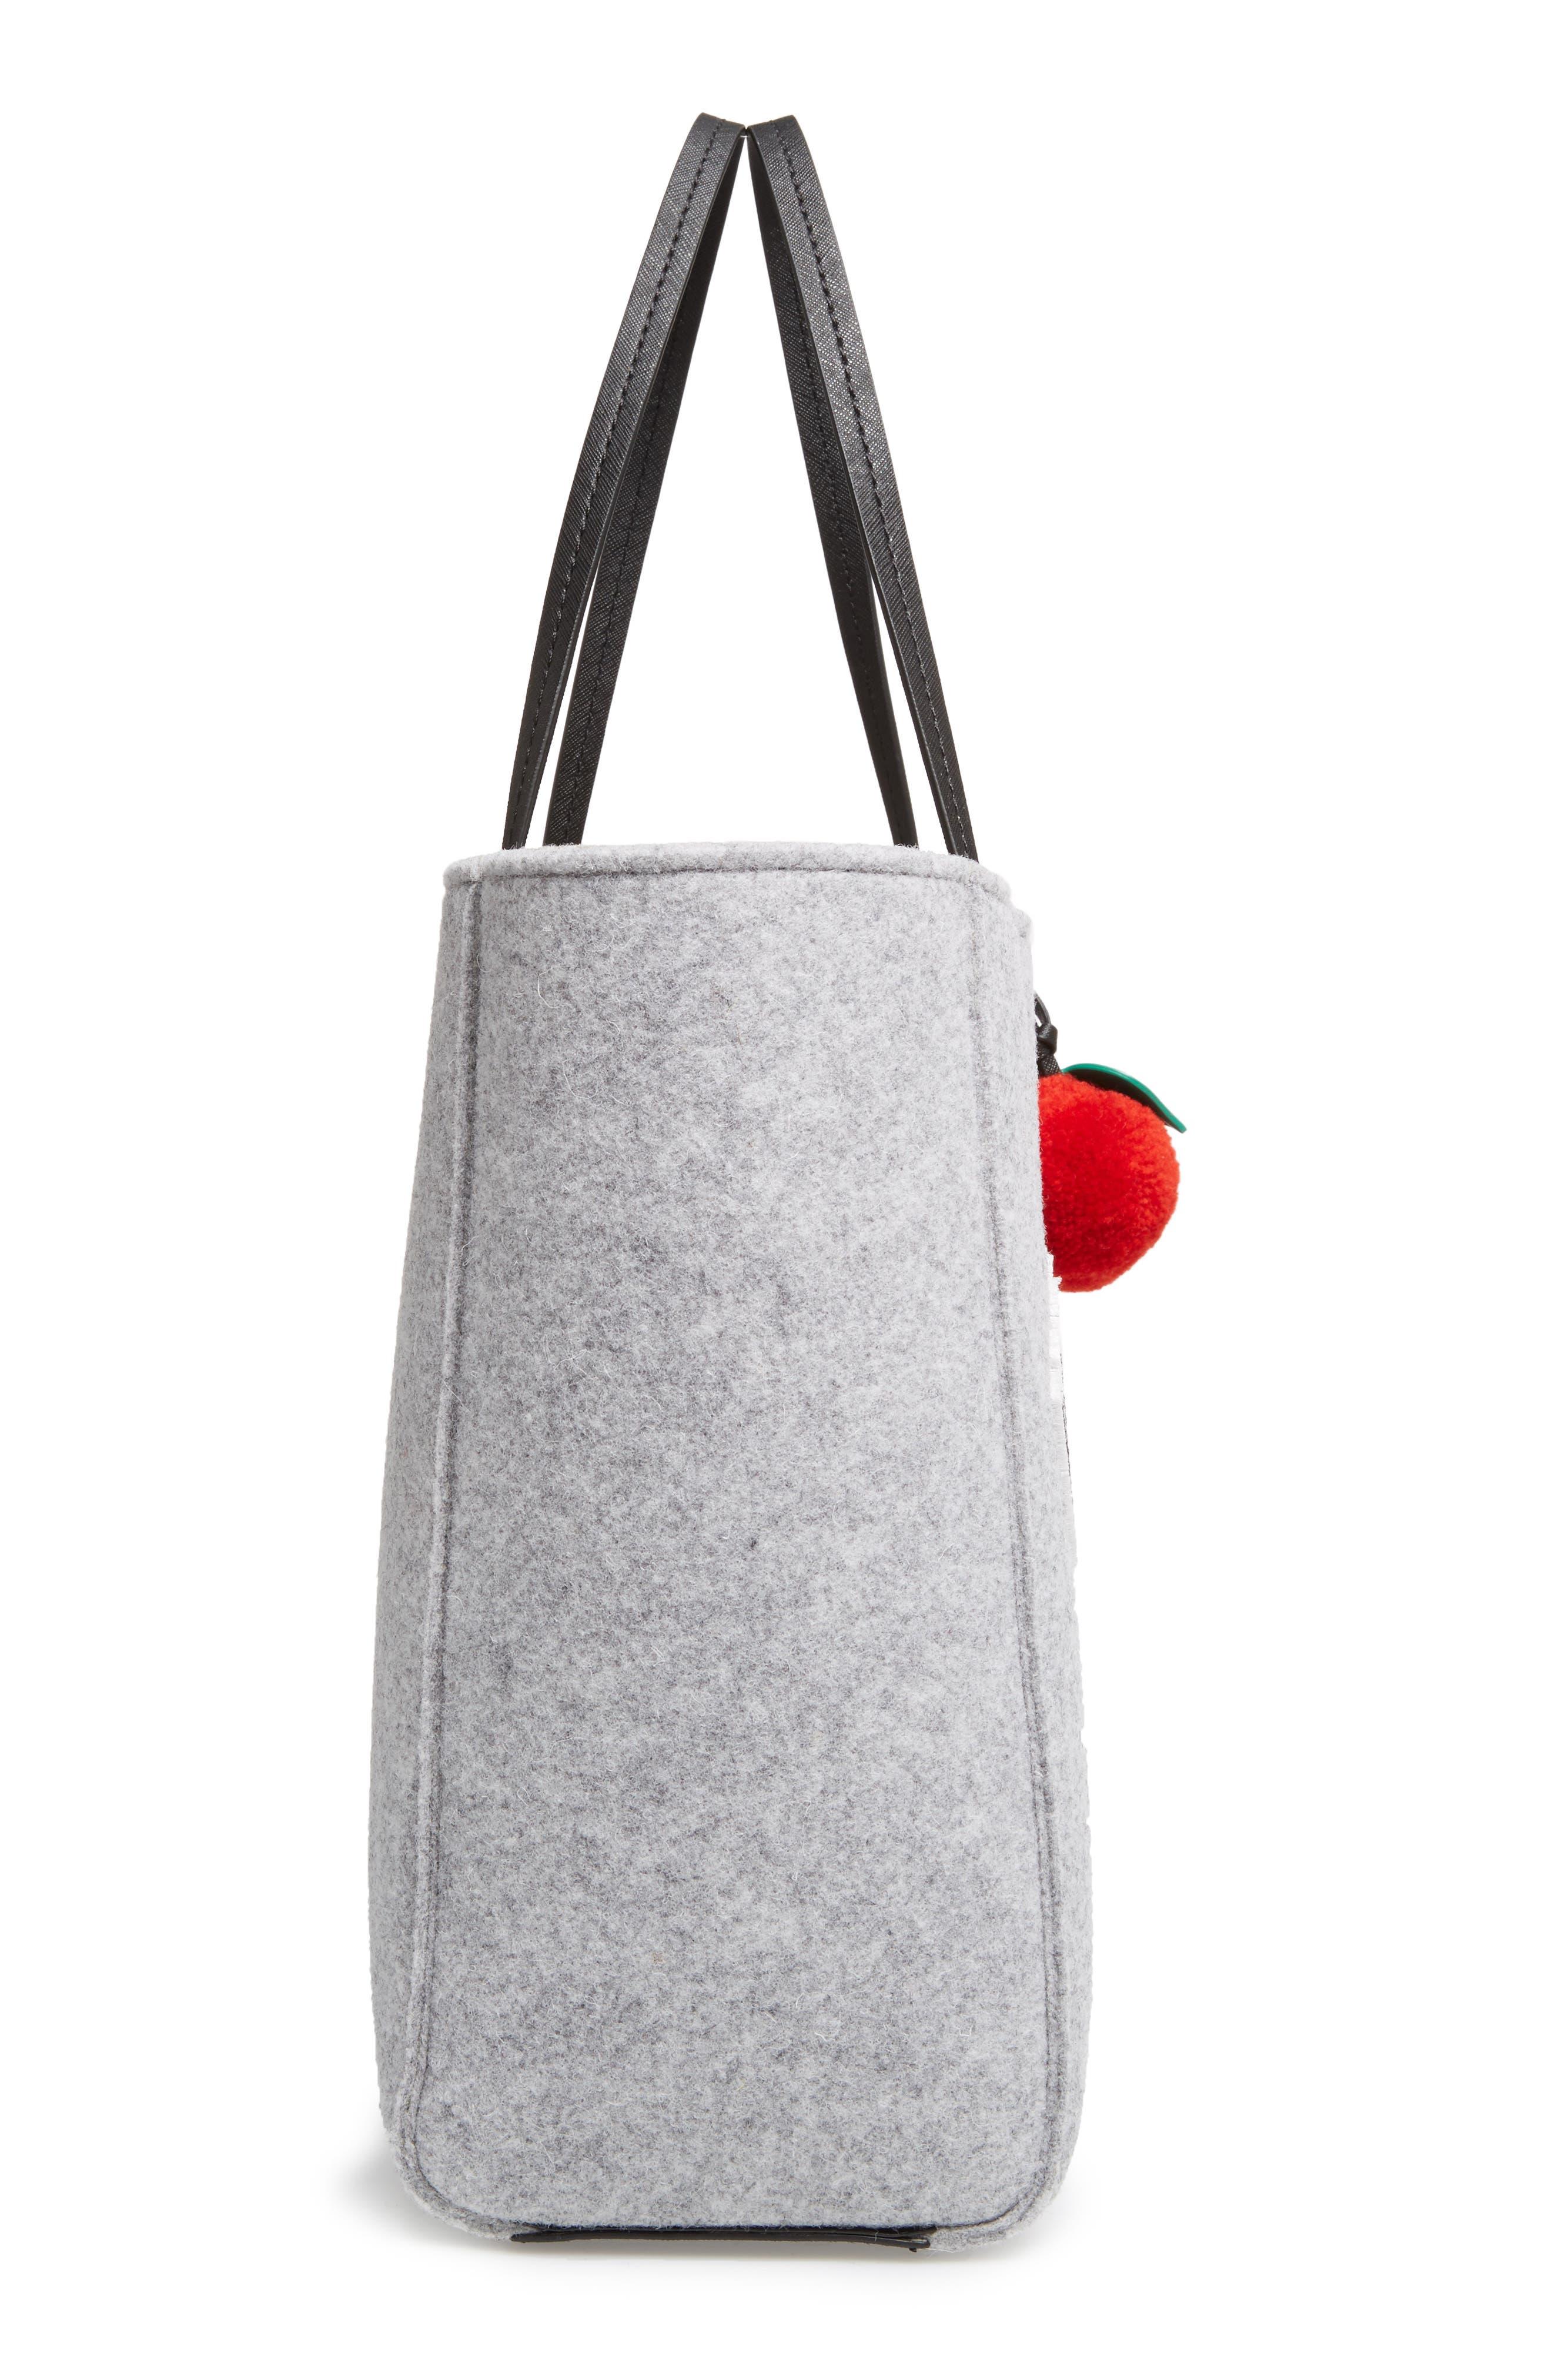 nouveau york - hallie flannel tote & apple pom bag charm,                             Alternate thumbnail 5, color,                             027